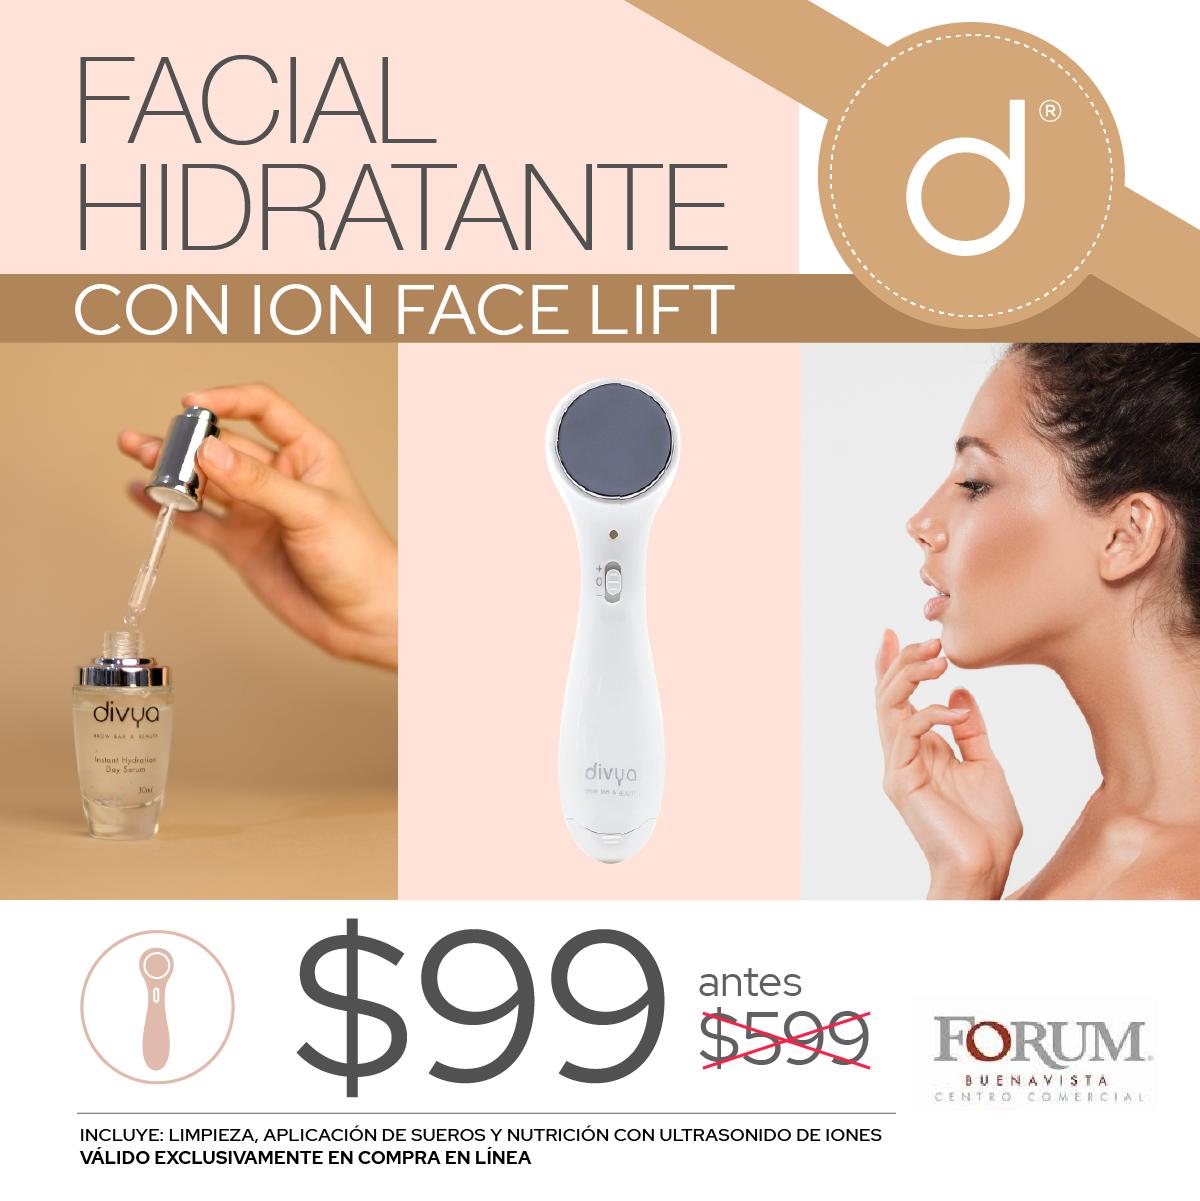 Facial Hidratante con Ion Face Lift- SÓLO FORUM BUENAVISTA&w=900&h=900&fit=crop